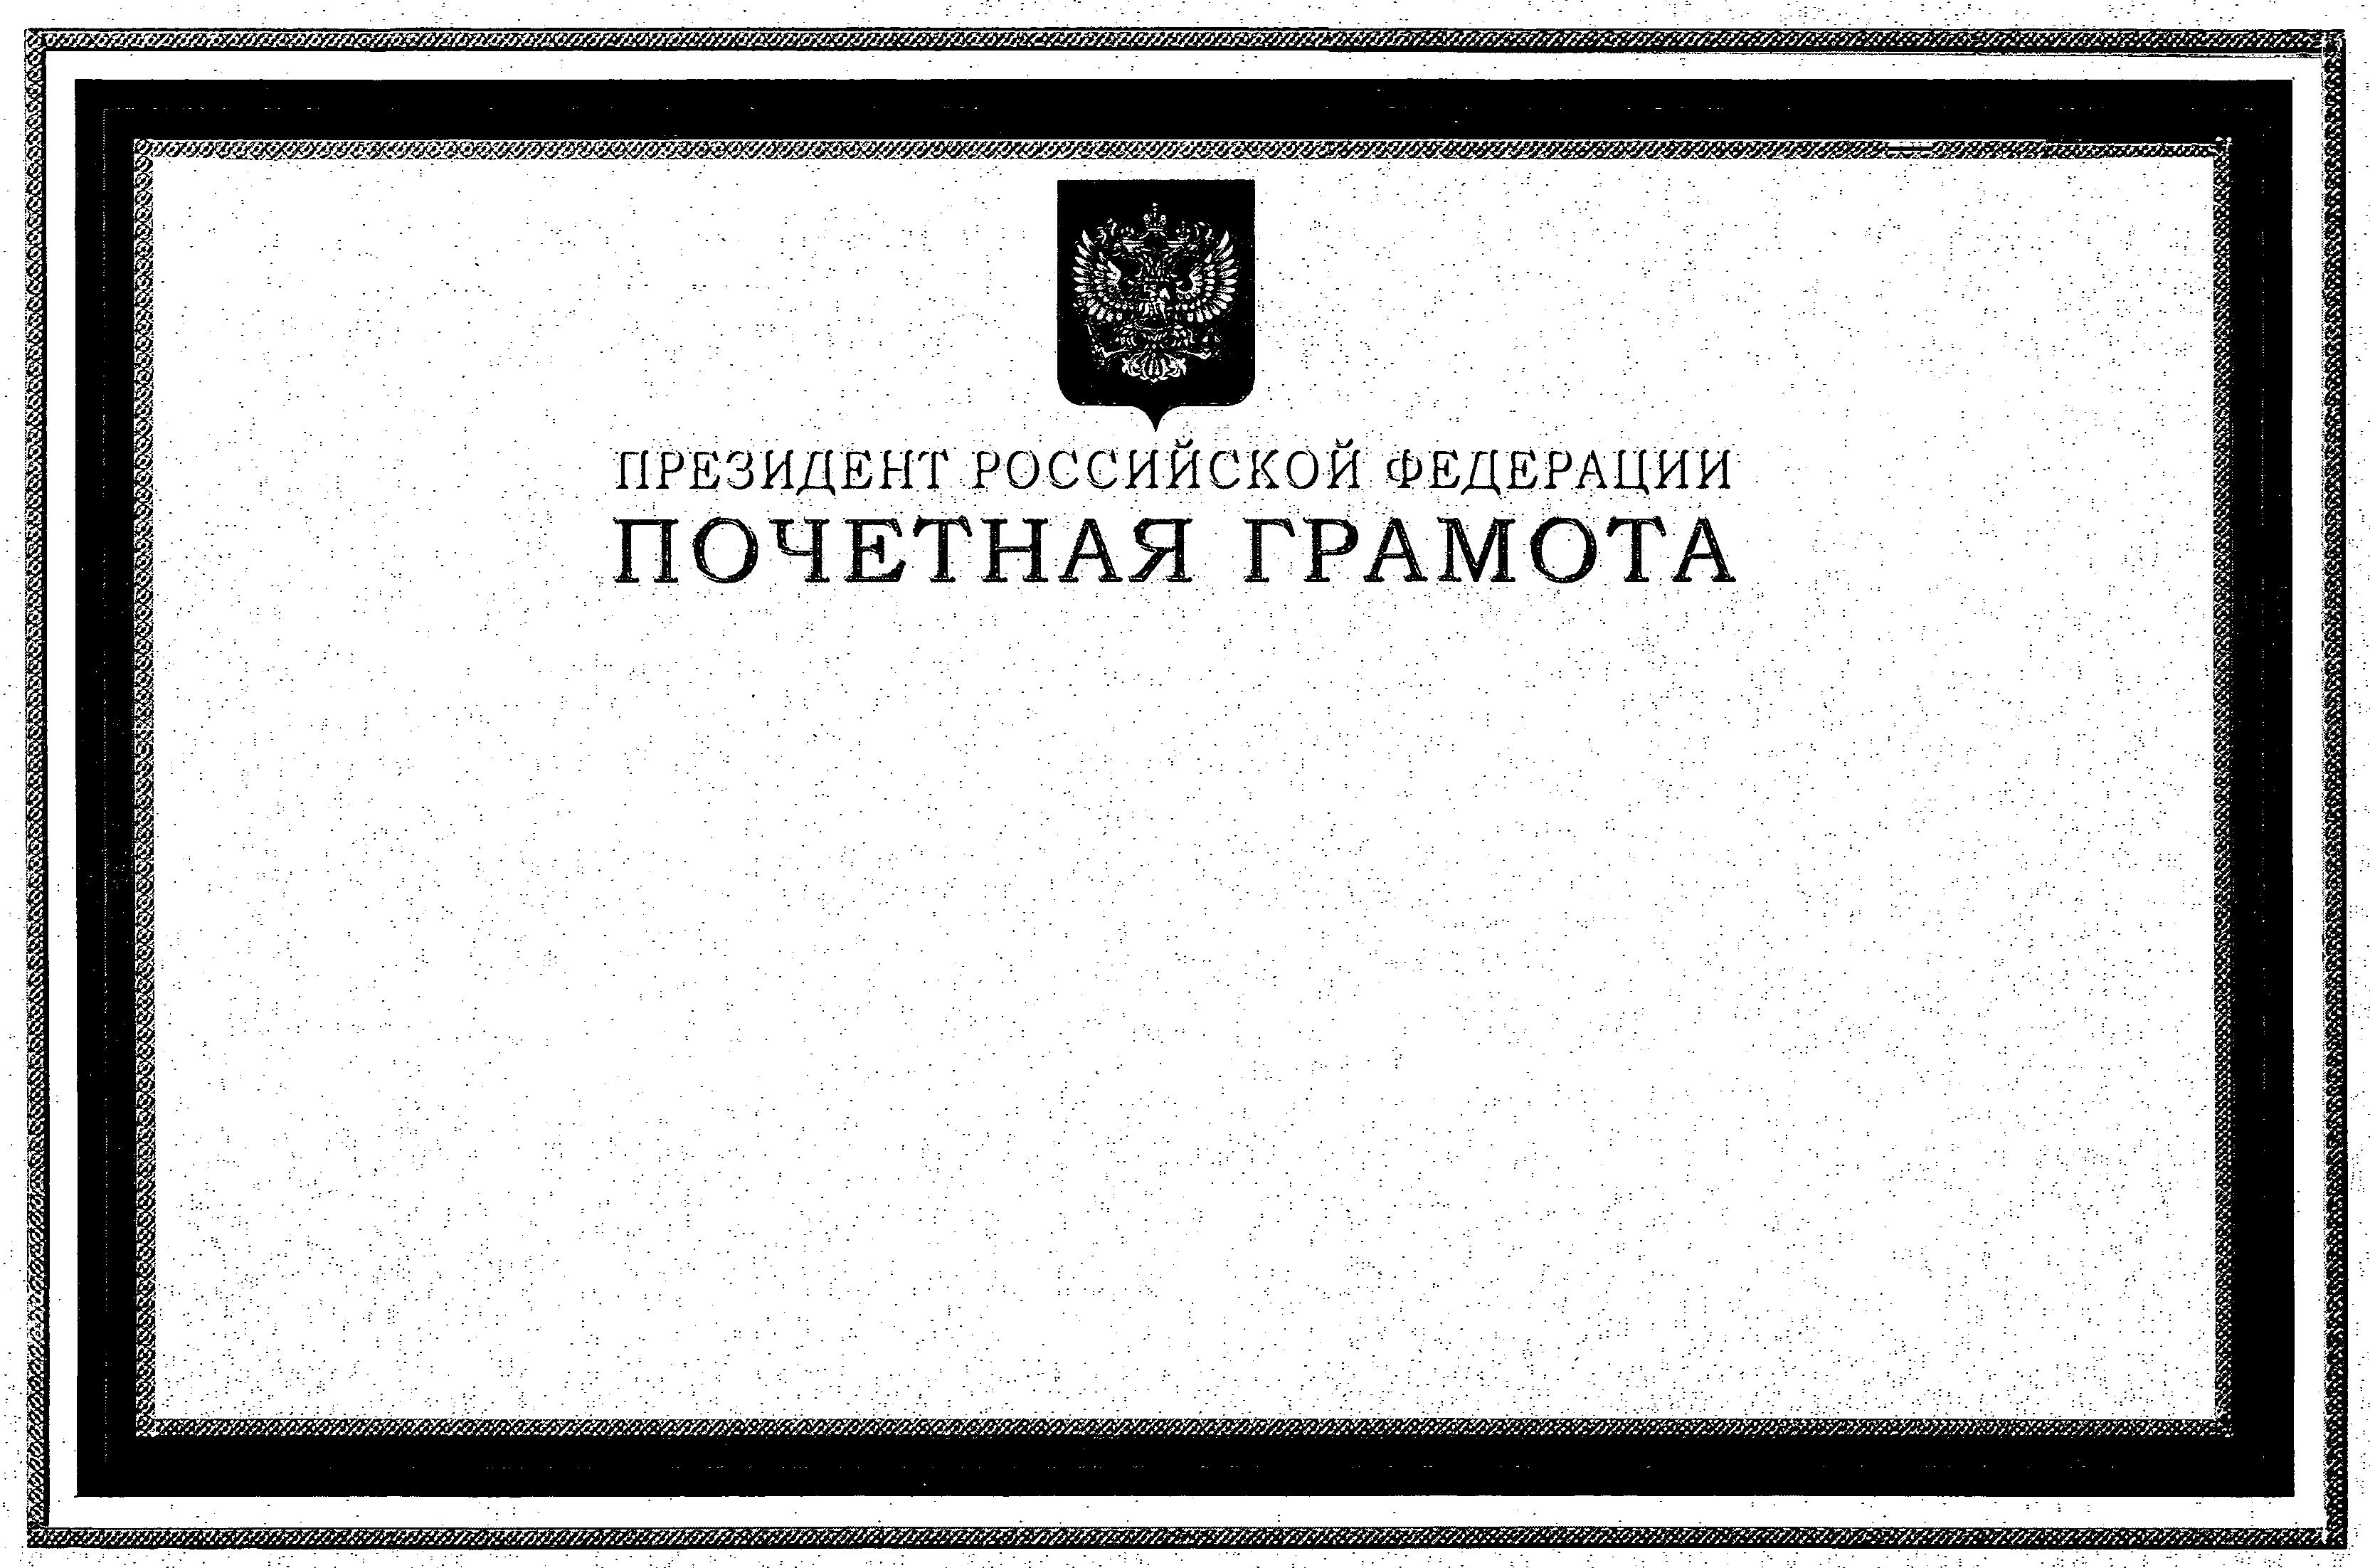 Благодарность президента российской федерации что это